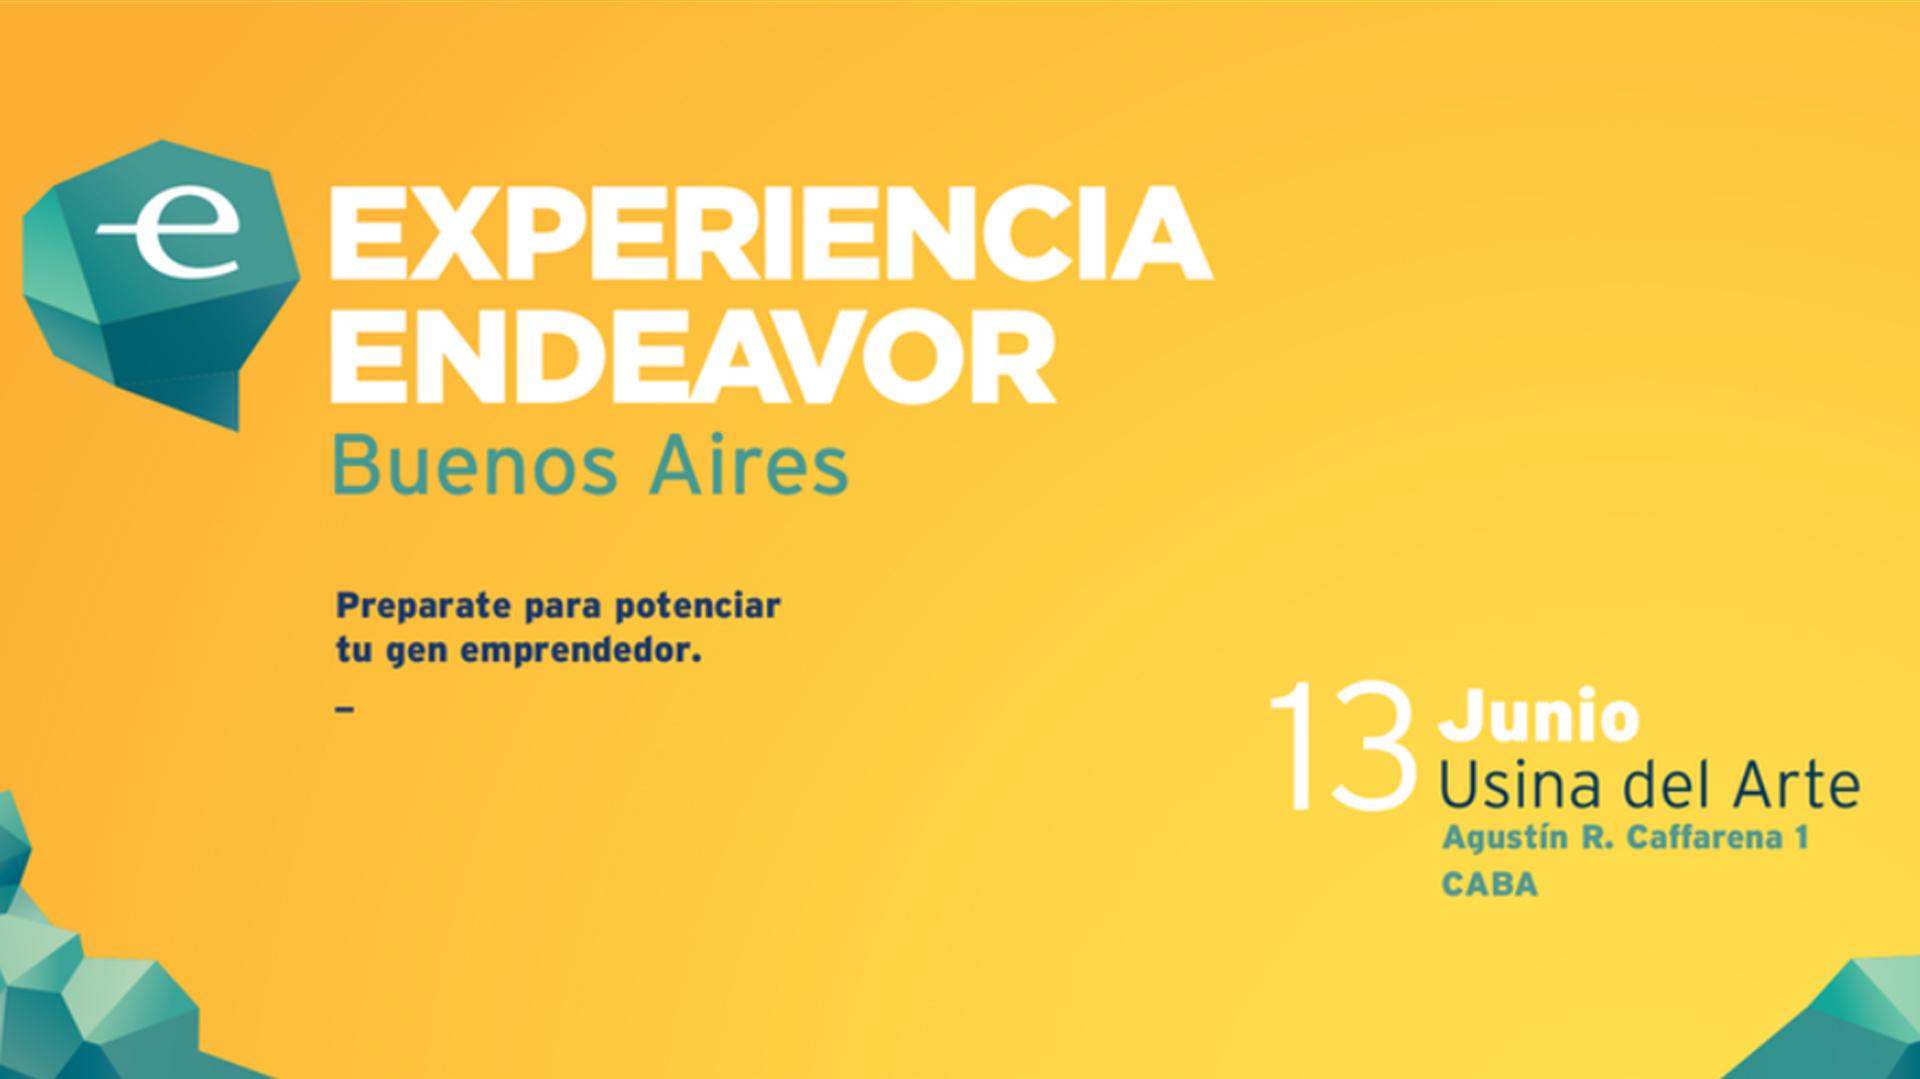 La Experiencia Endeavor 2017 llega a Buenos Aires con más conferencias